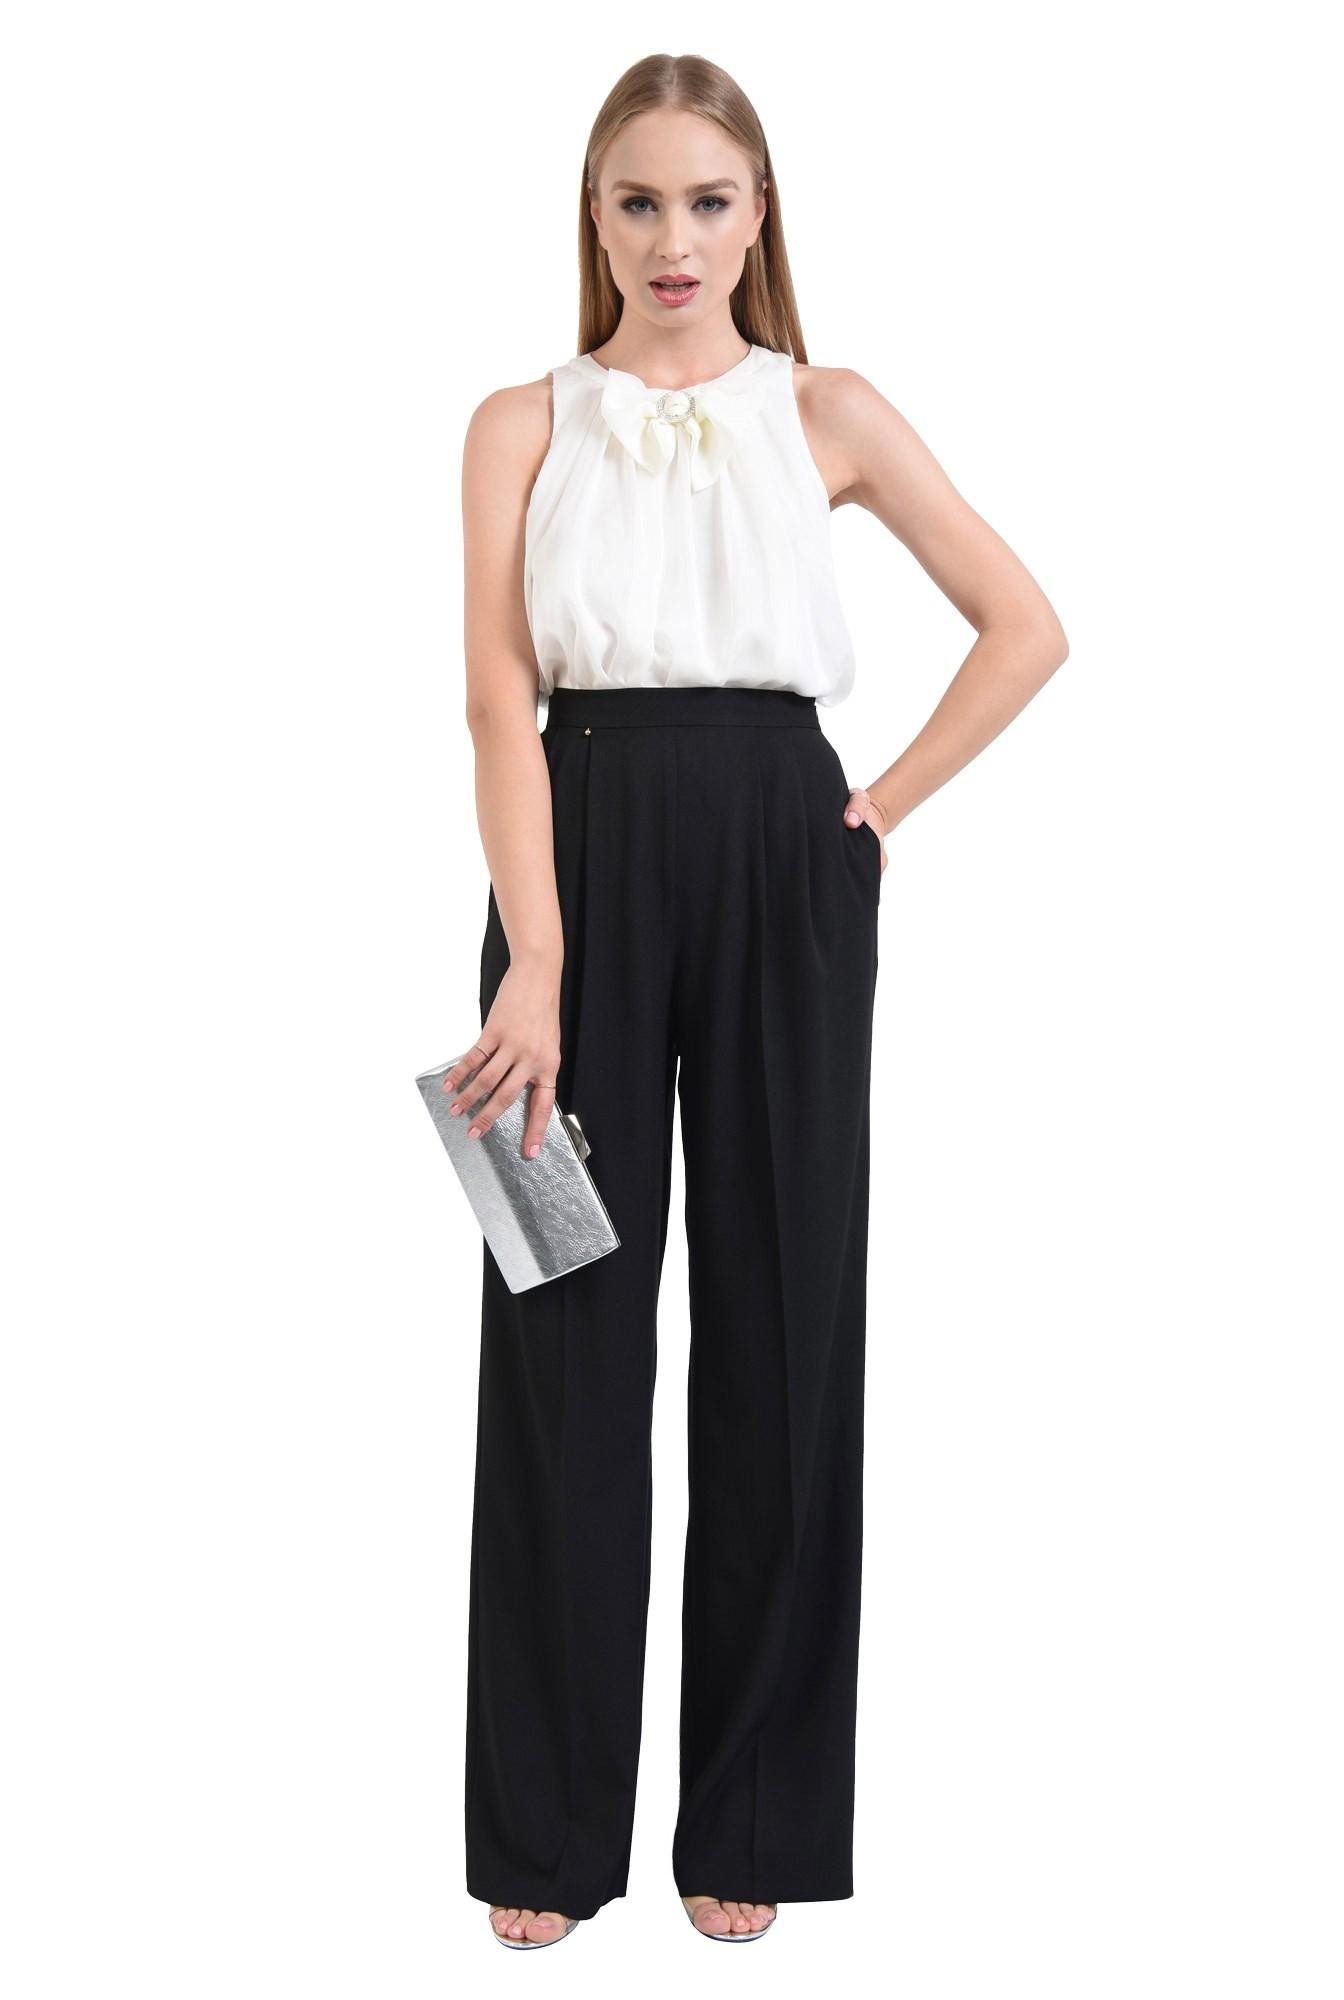 0 - bluza eleganta, din sifon, cu funda, strasuri, alb